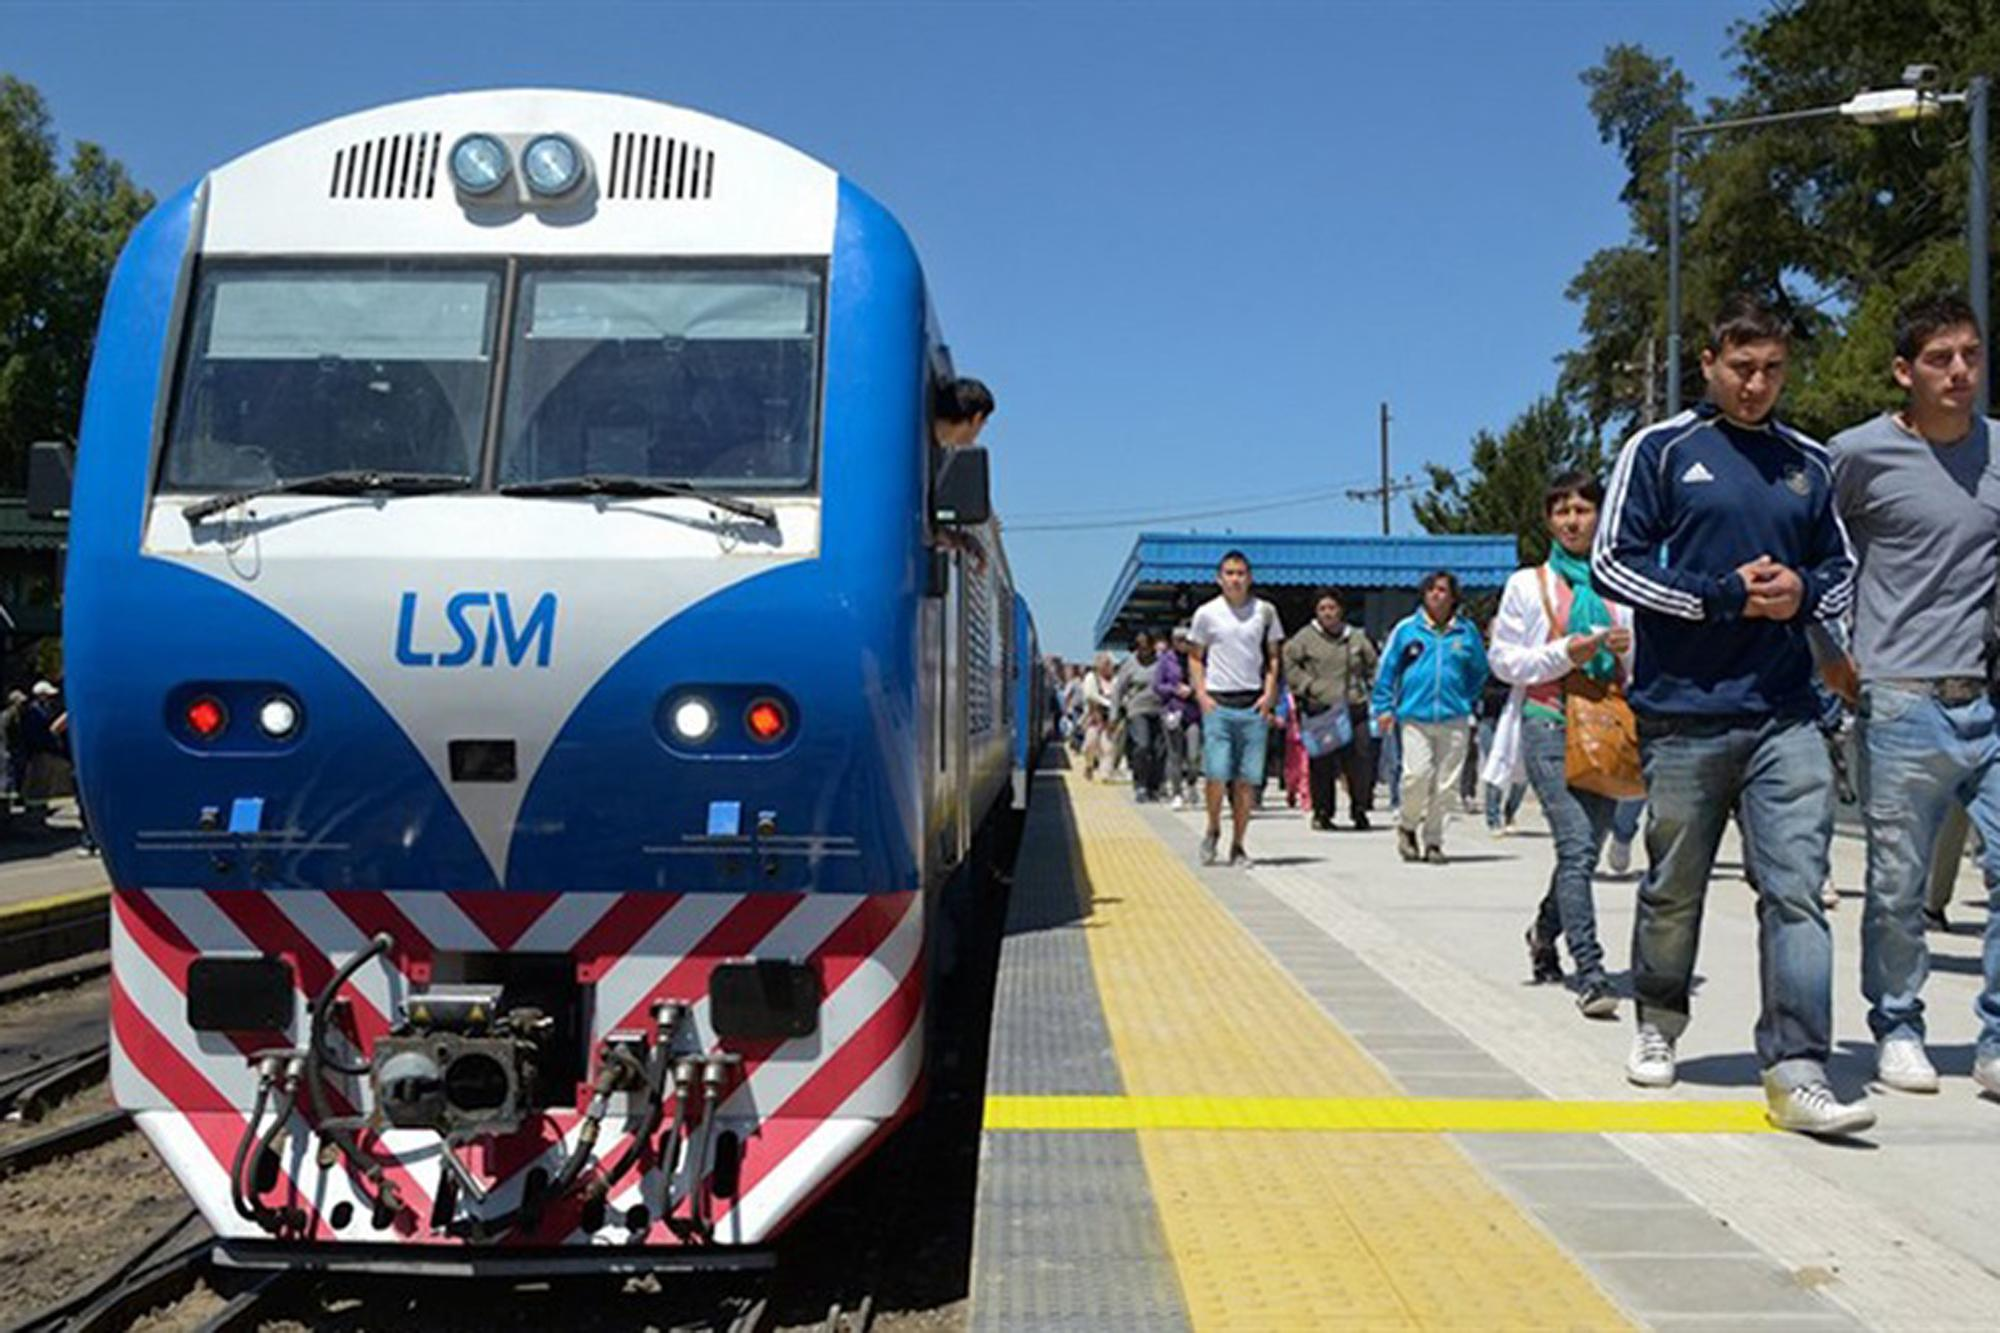 ¿Qué Horarios Tiene El Tren San Martín?